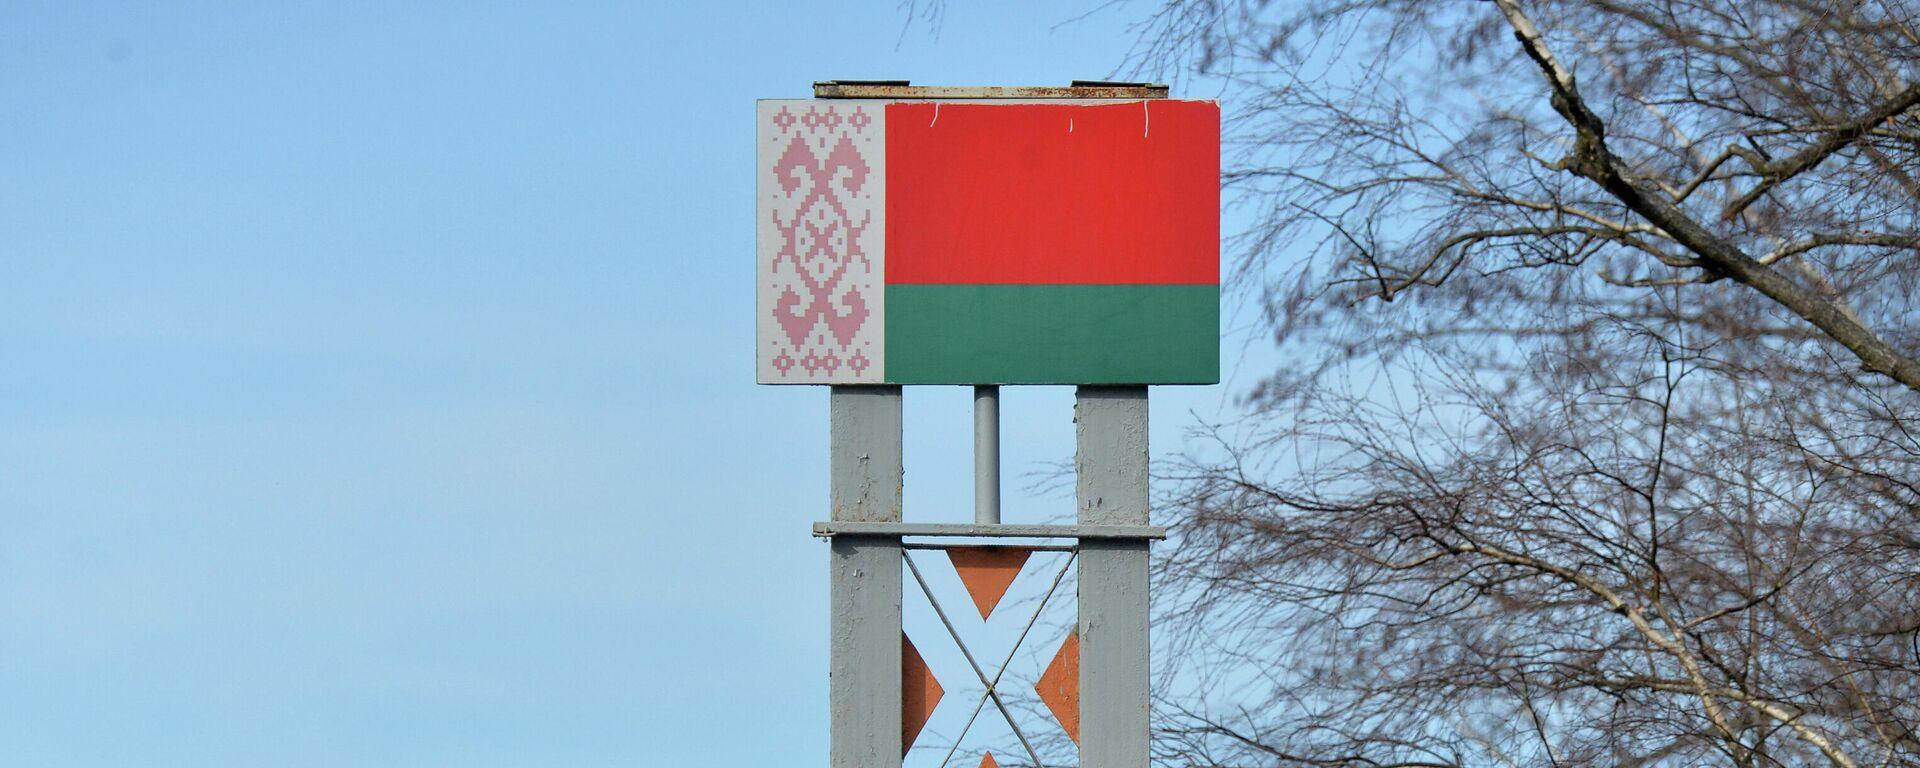 Белорусско-украинская граница - Sputnik Узбекистан, 1920, 10.08.2021